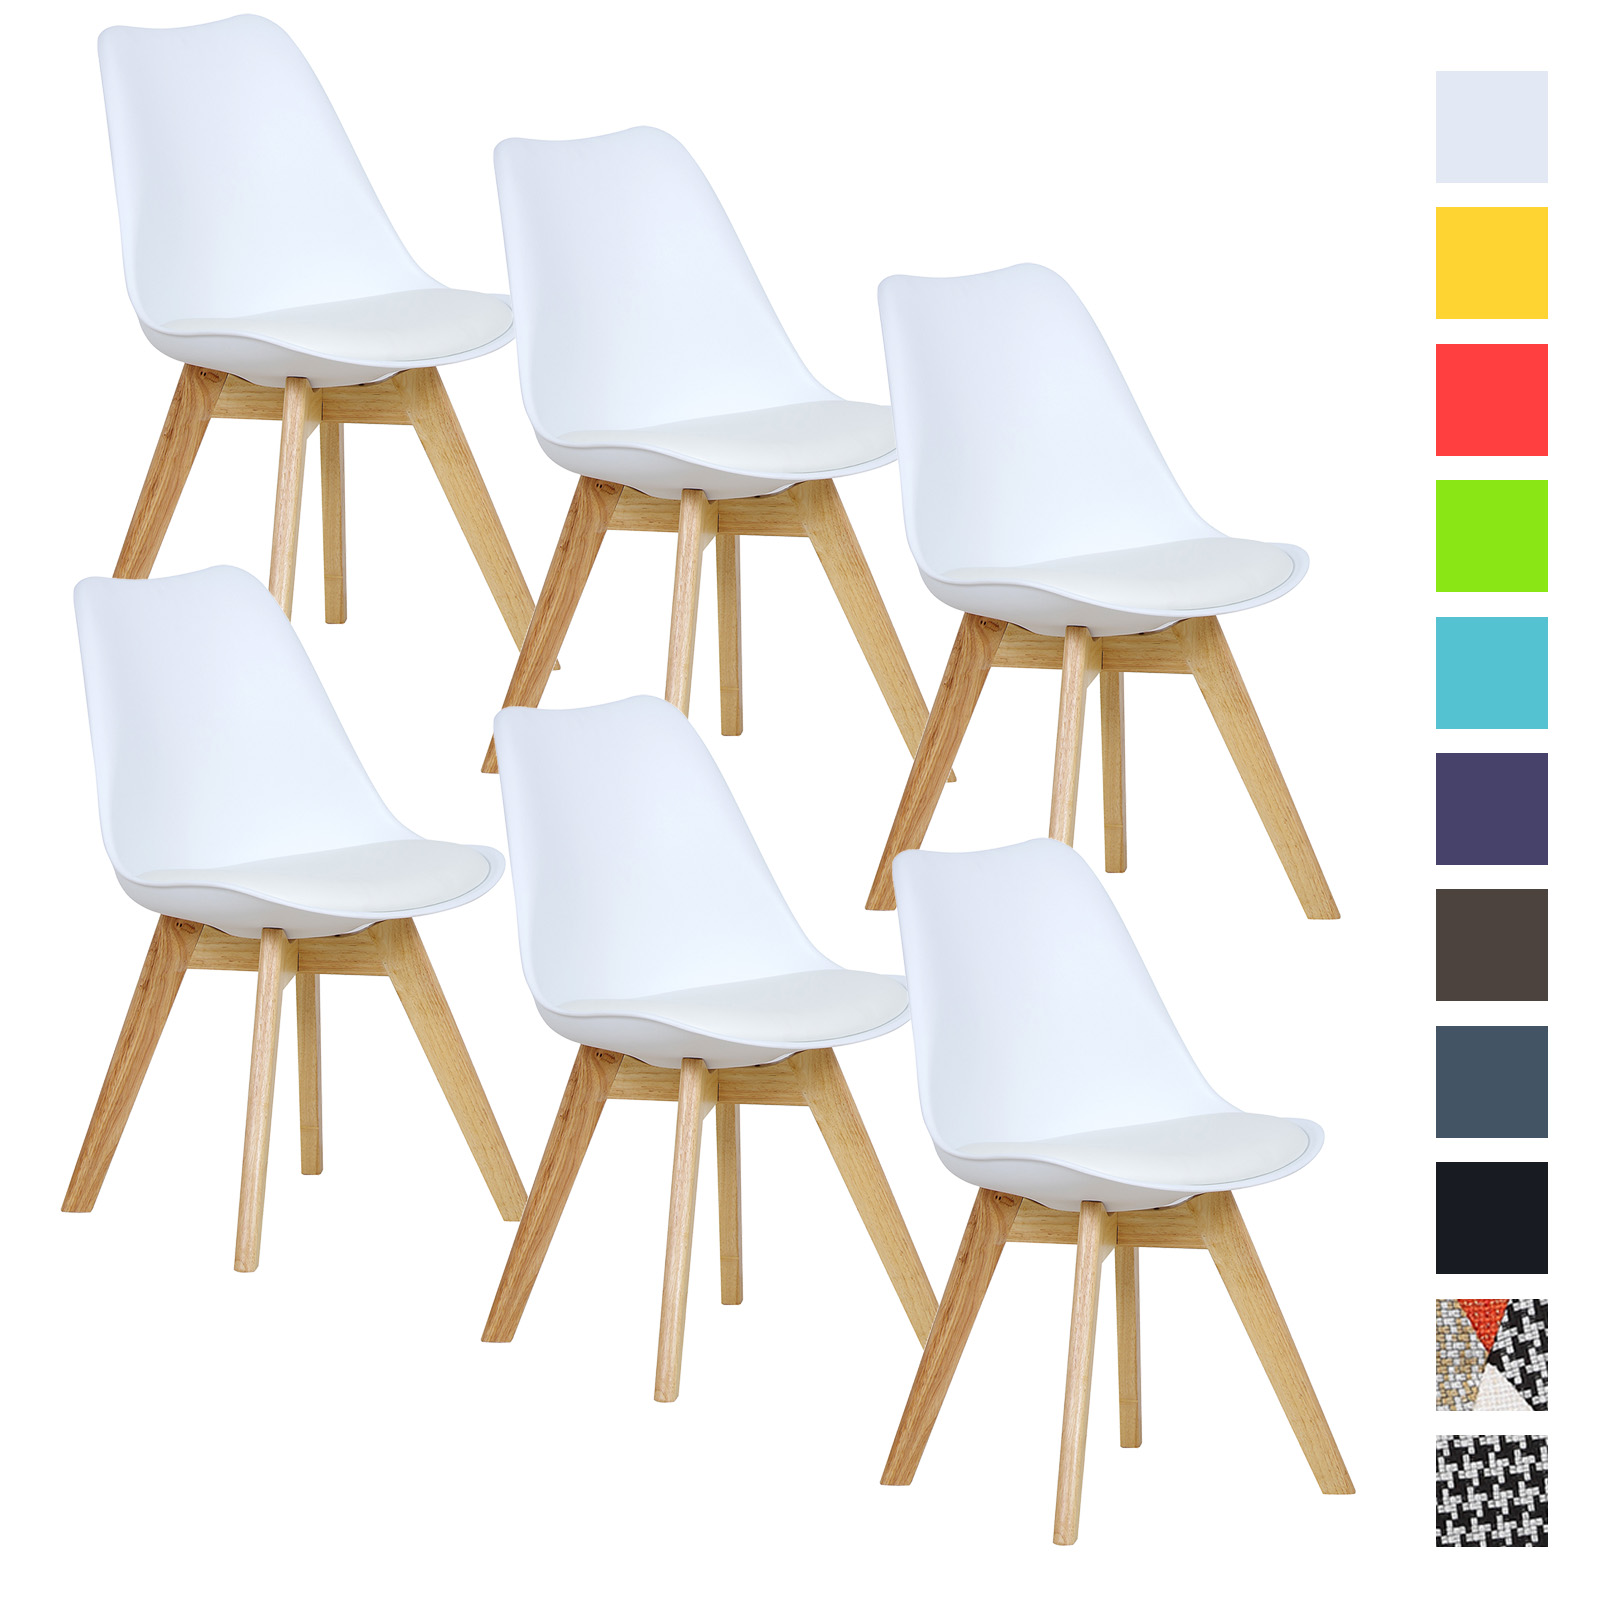 6er set esszimmerst hle esszimmerstuhl design st hle k chenstuhl wei bh29ws 6 ebay. Black Bedroom Furniture Sets. Home Design Ideas